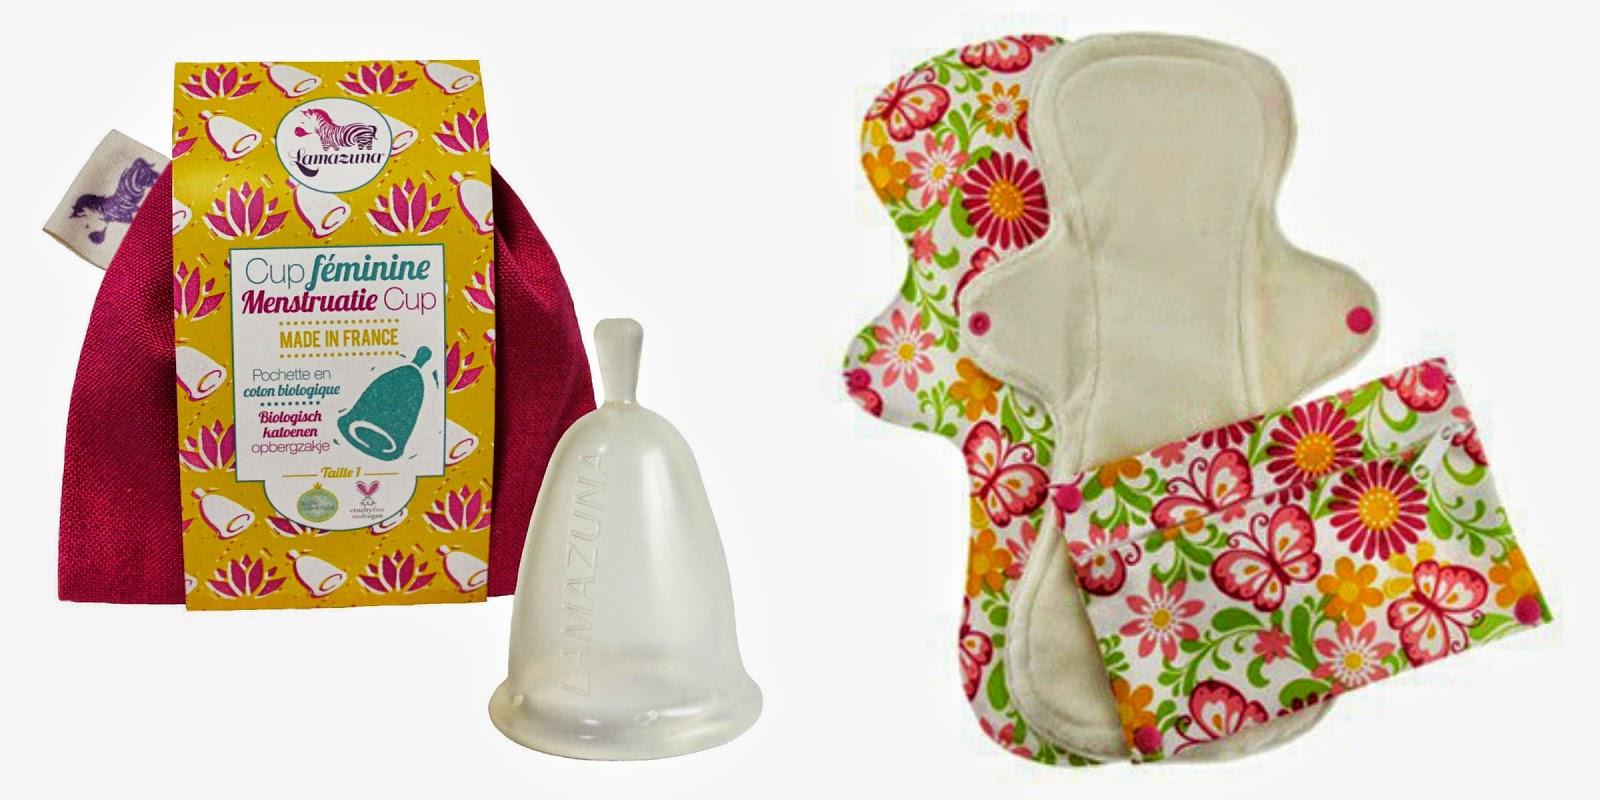 serviette-hygienique-lavable-coupe-menstruelle-lamazuna